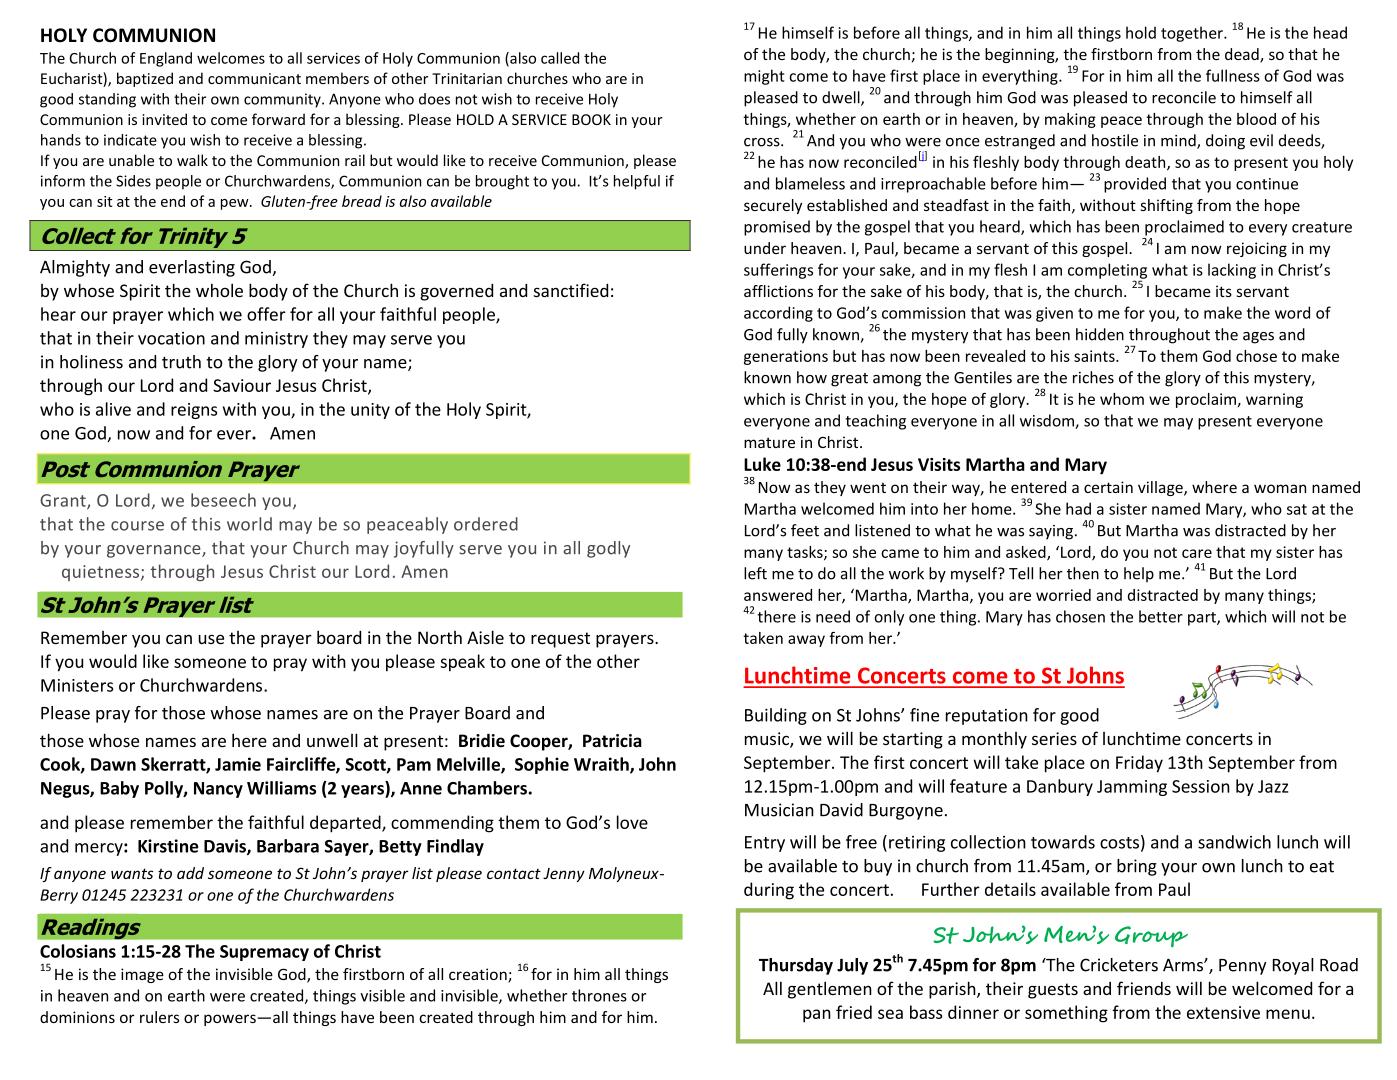 Pew leaflet 21st July 2019-1_2.PNG